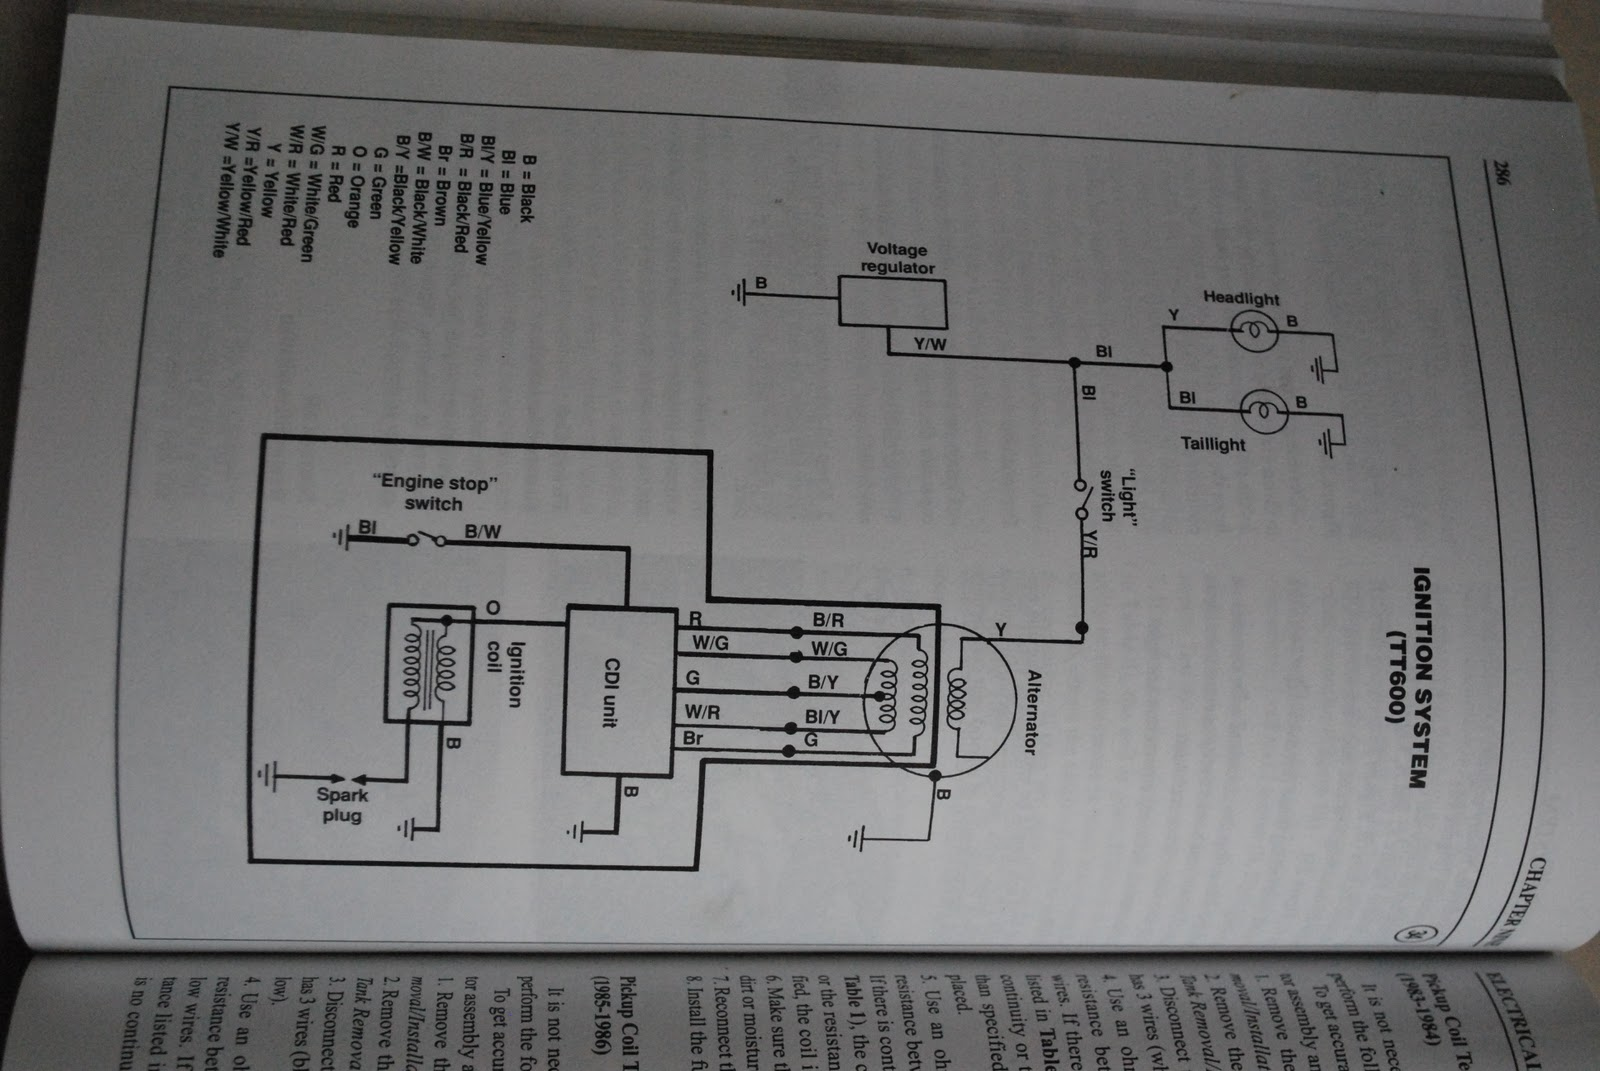 hight resolution of drz 400 wiring diagram drz get free image about wiring 2005 suzuki drz 125 2001 suzuki drz 125